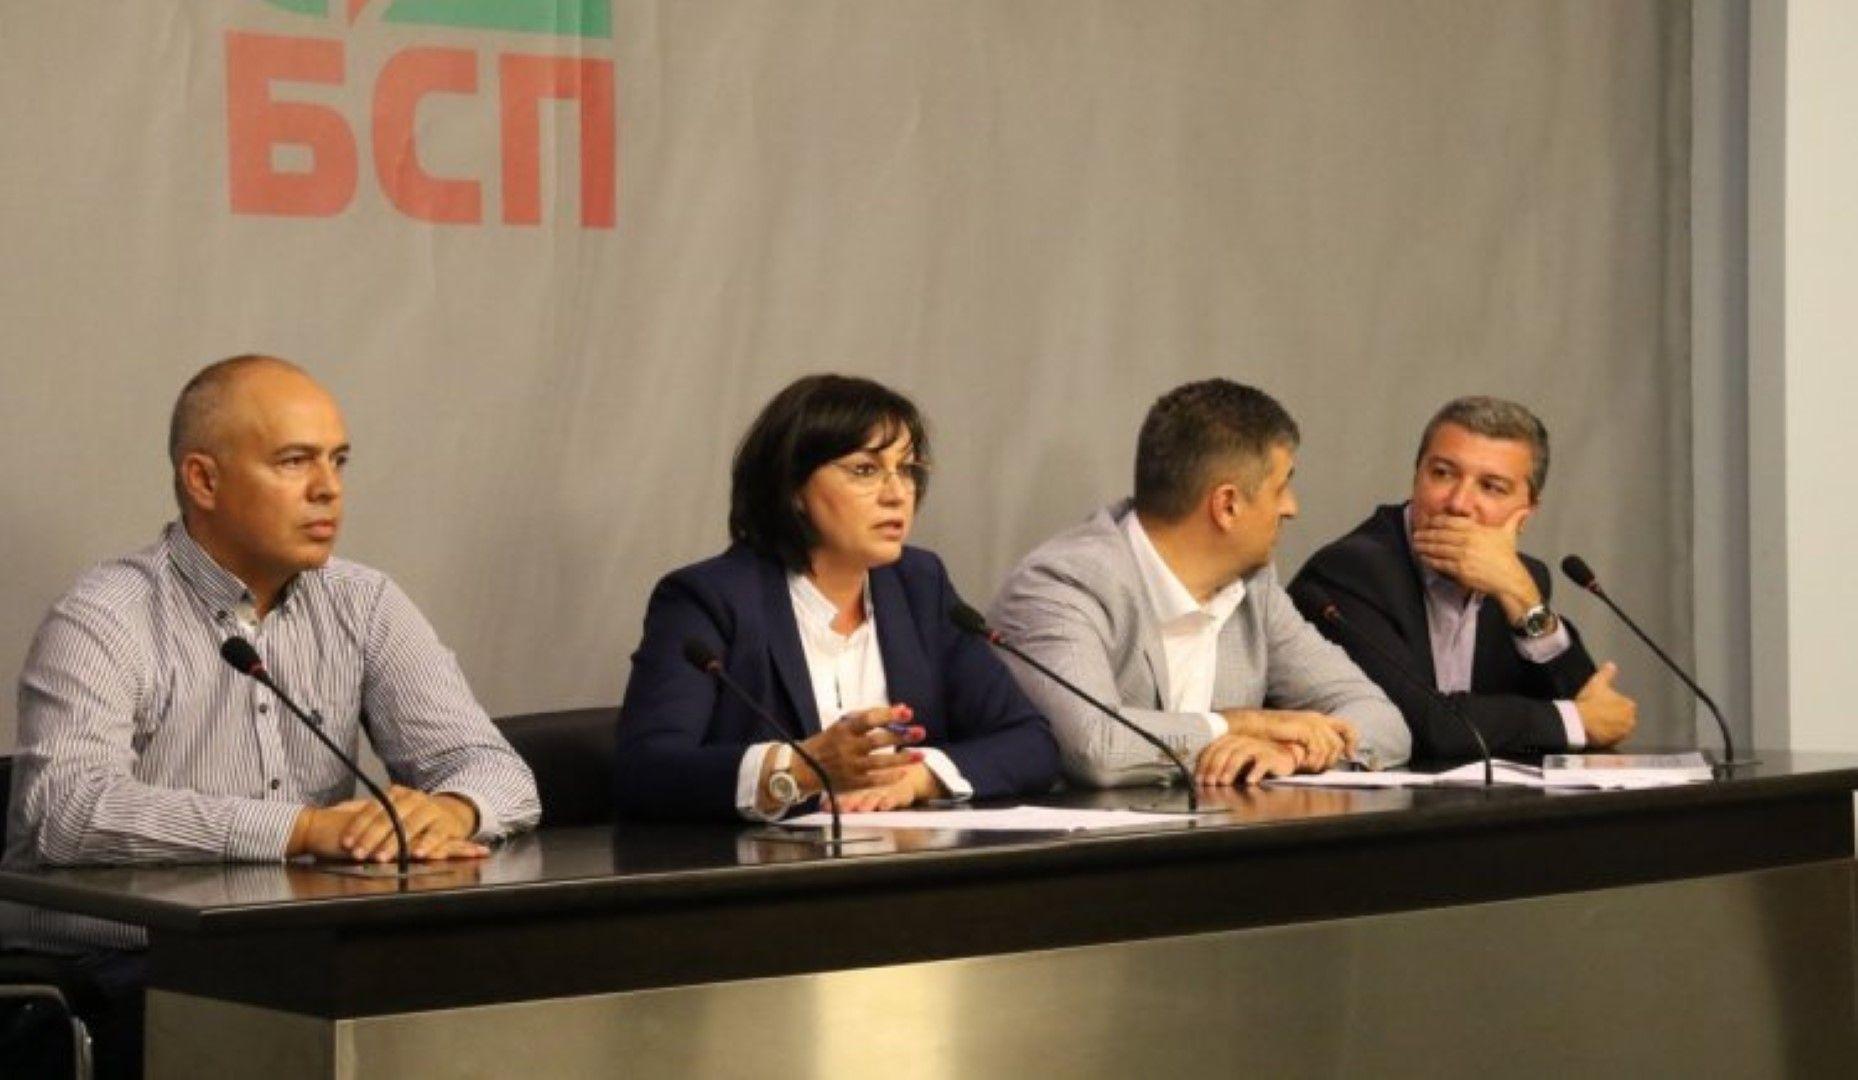 Георги Свиленски, Николай Добрев и Добромир Стойнев участваха в брифинга